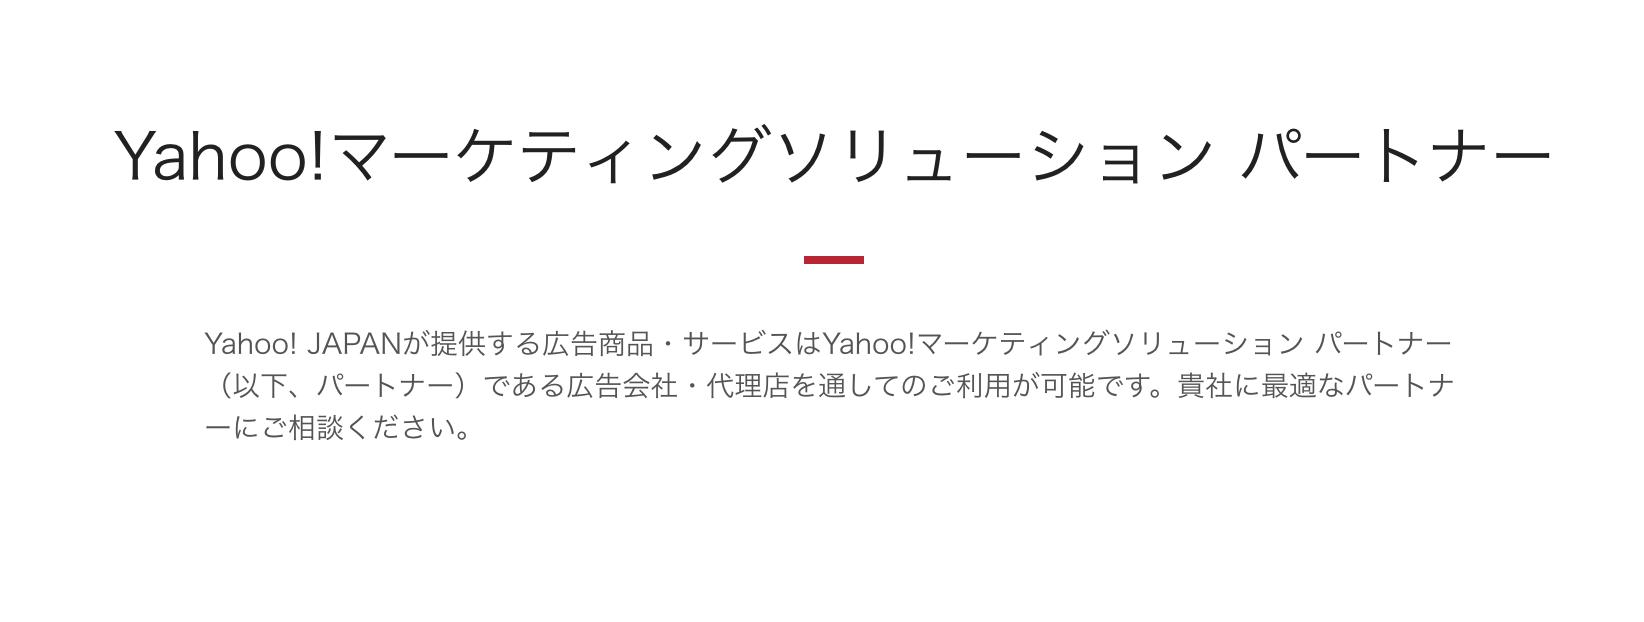 Yahoo!マーケティングソリューションパートナーとは